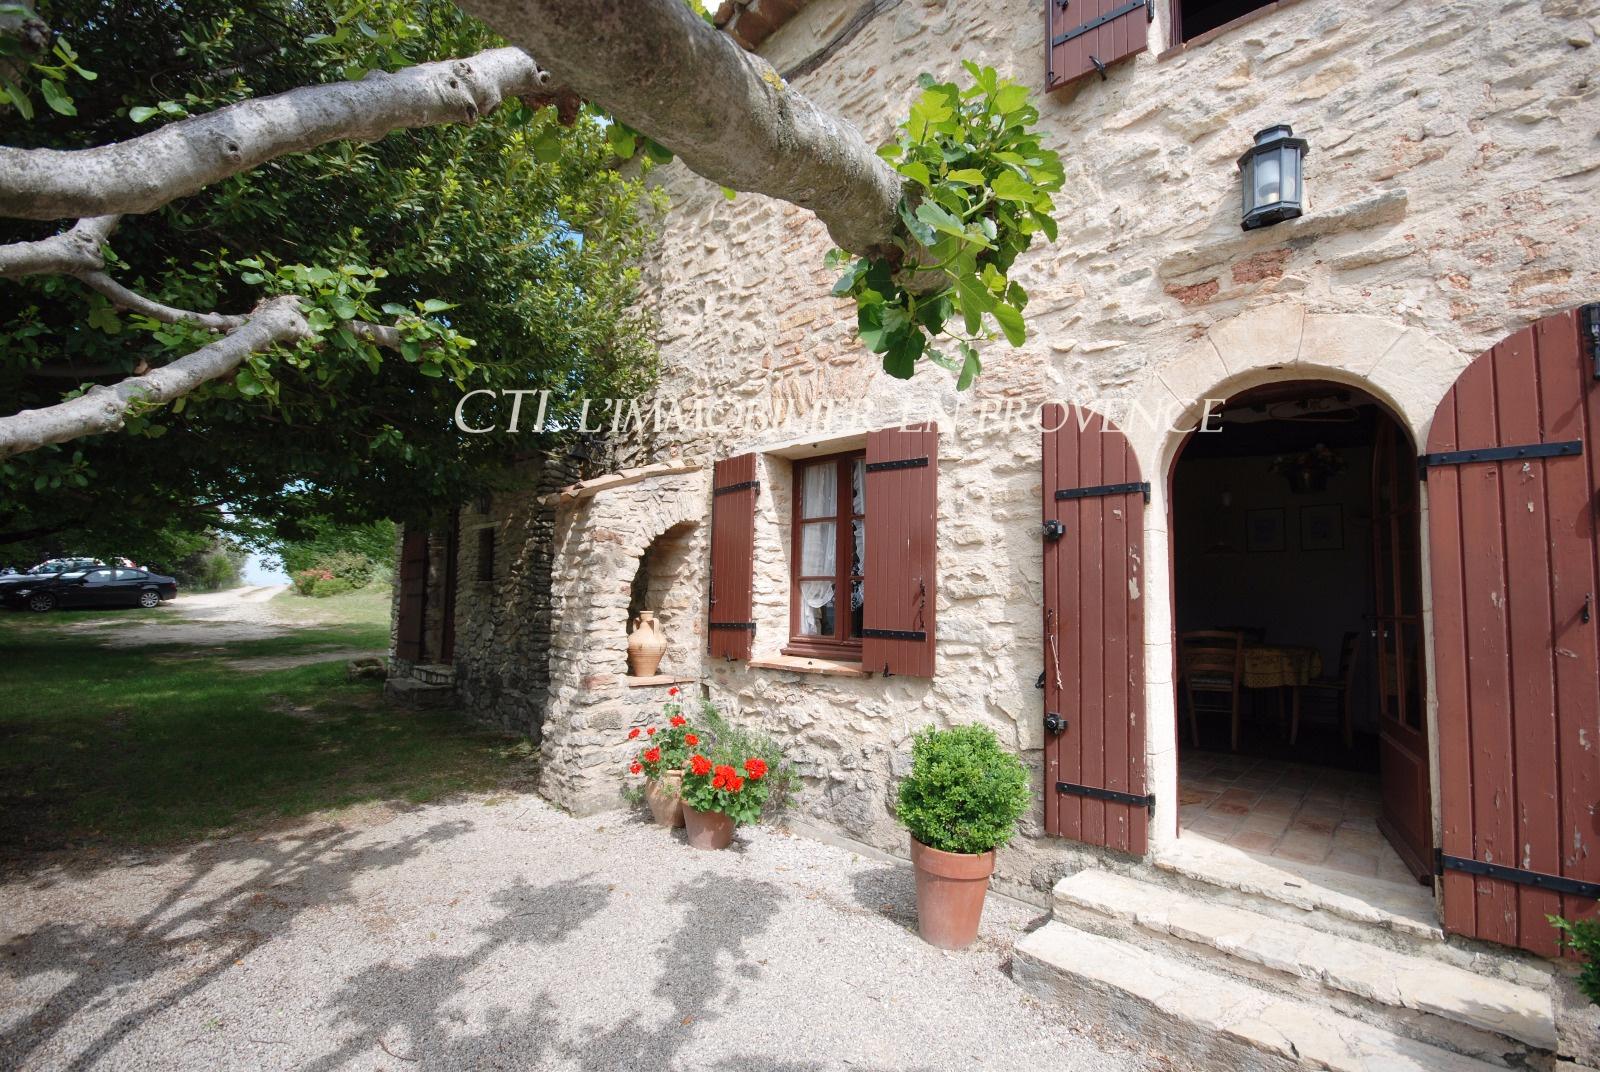 0 www.cti-provence.net, vente mas en pierre vue  dominante, restauré dans son jus, terrain d'